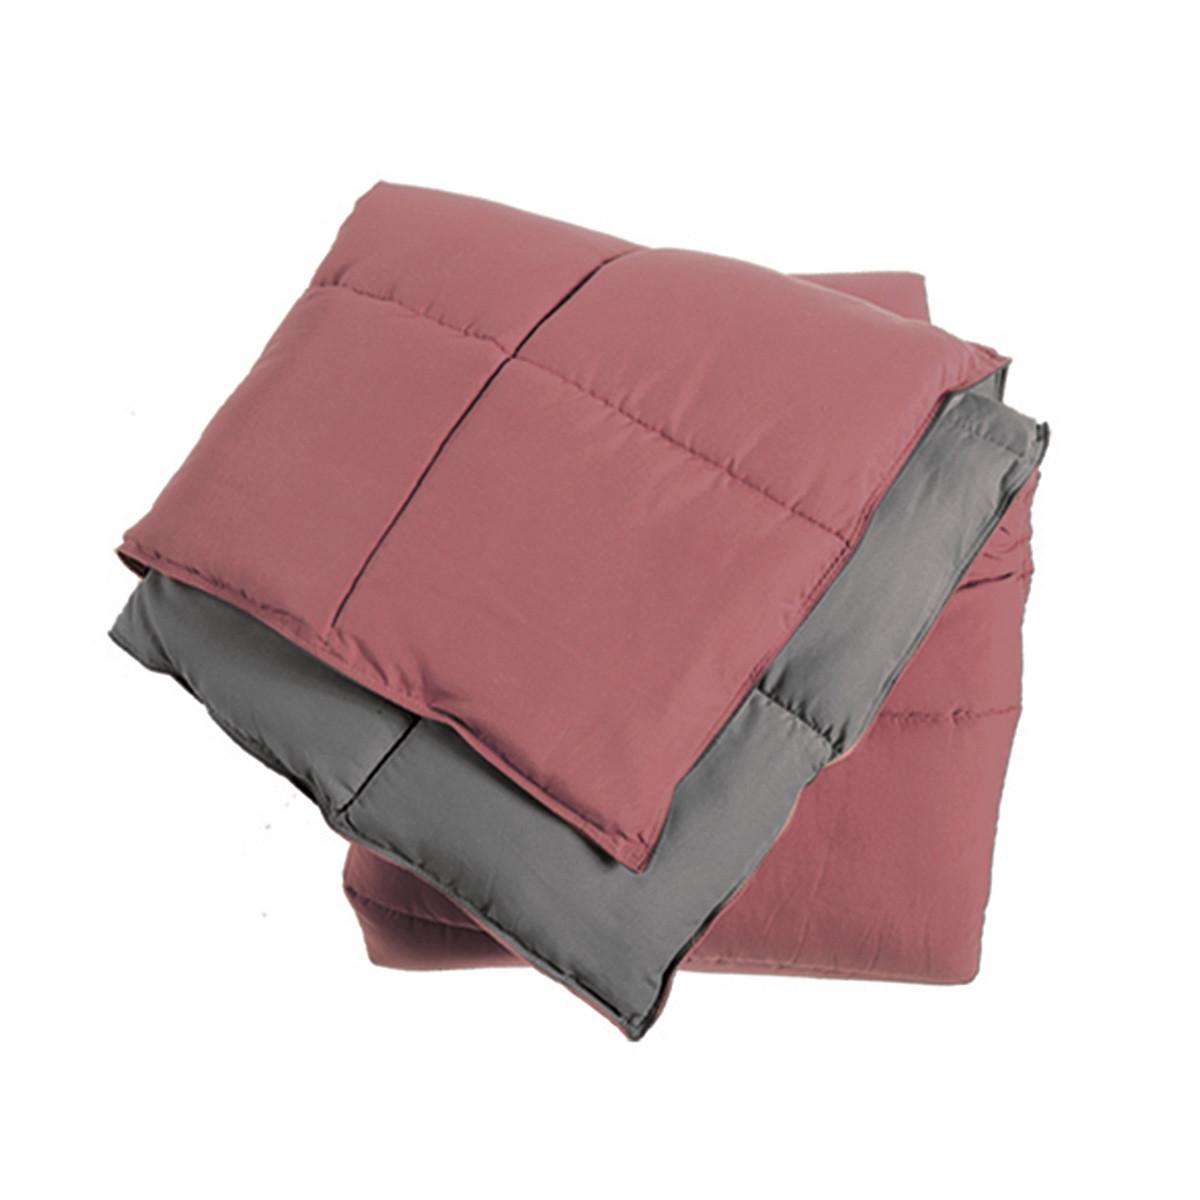 Πάπλωμα Υπέρδιπλο 2 Όψεων Nef-Nef Bicolor Rose English/Grey